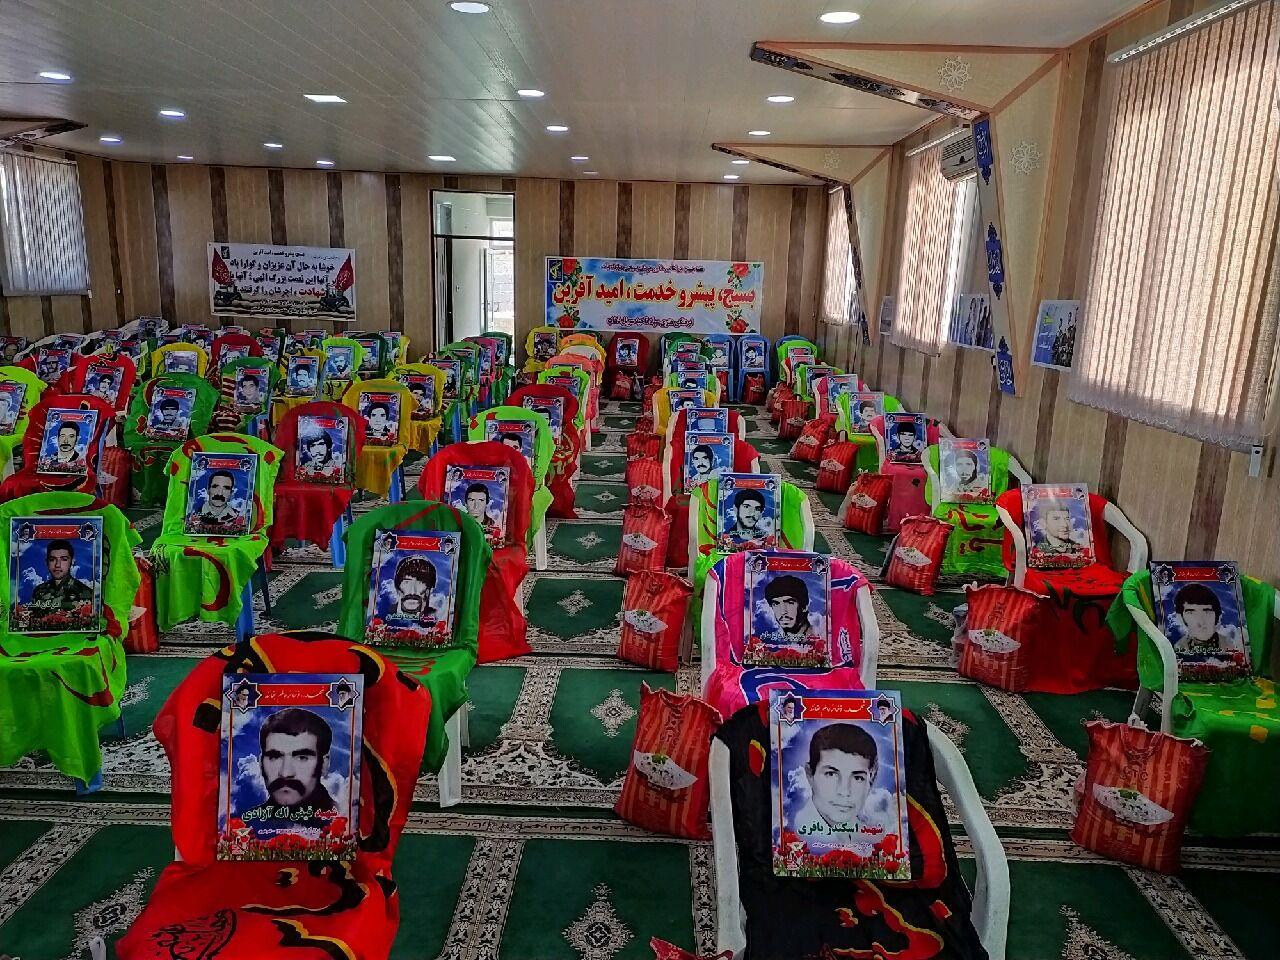 ۱۱۰ بسته کمک معیشتی بین خانوادههای سرپلذهابی توزیع شد